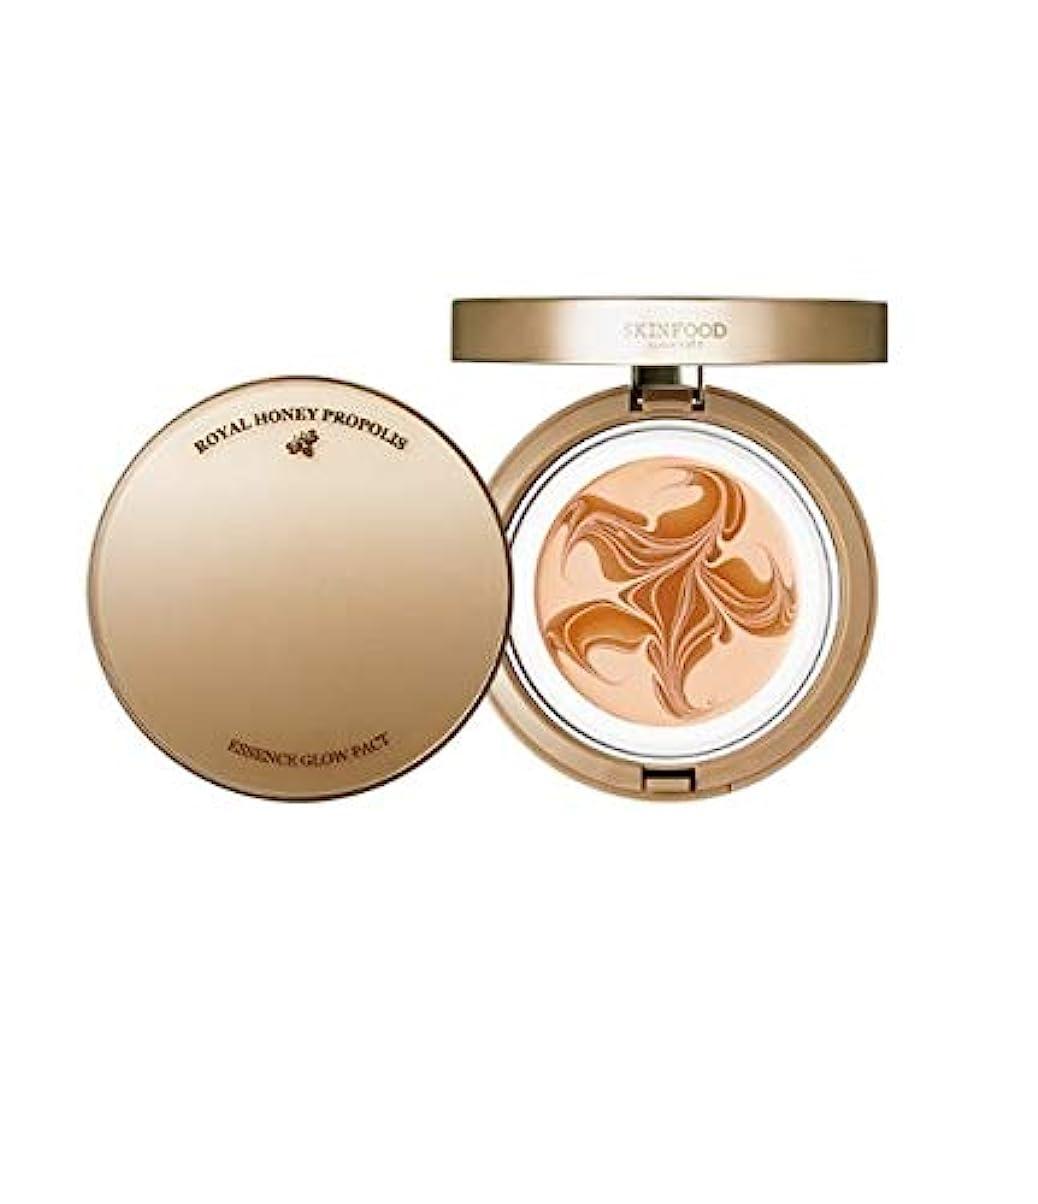 ウガンダ機関車旅行代理店Skinfood ロイヤルハニープロポリスグローエッセンスパクト#No.23サンドベージュ / Royal honey ProPolis Glow Essence Pact #No. 23 Sand Beige 15.5g [並行輸入品]